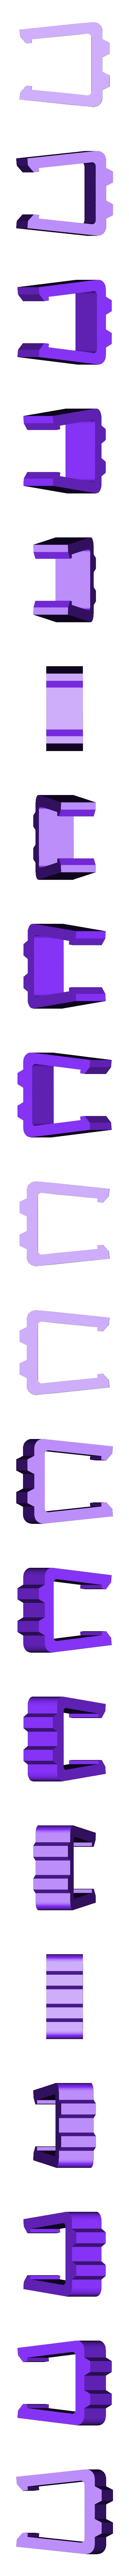 LegT2_Left_11_OliveGreen.stl Download STL file Heavy Gun Walker • 3D print design, Jwoong